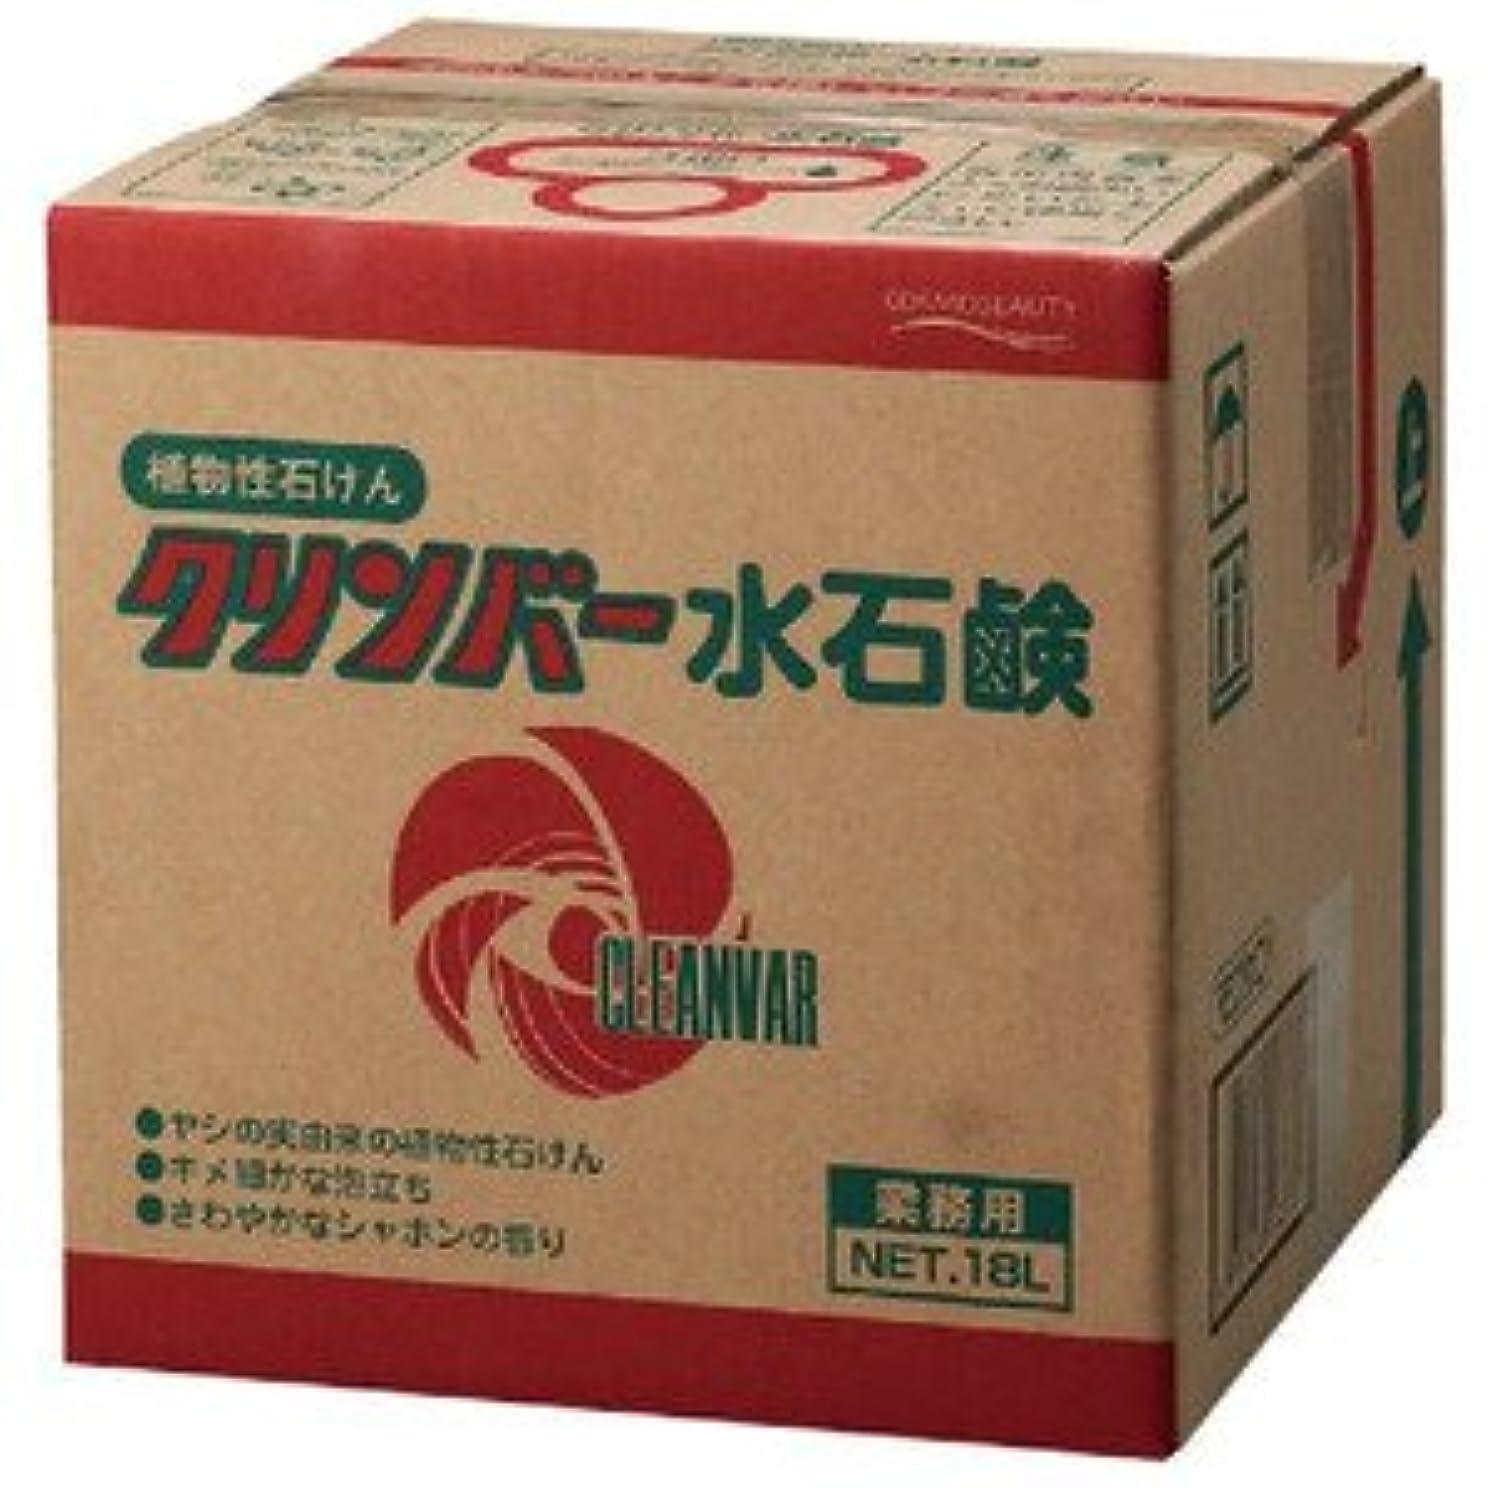 不利ダッシュシーボードコスモビューティー ヤシの実由来 業務用液体手洗い洗剤 ナチュラルソープ( 旧名:クリンバー水石鹸) 18L 16373